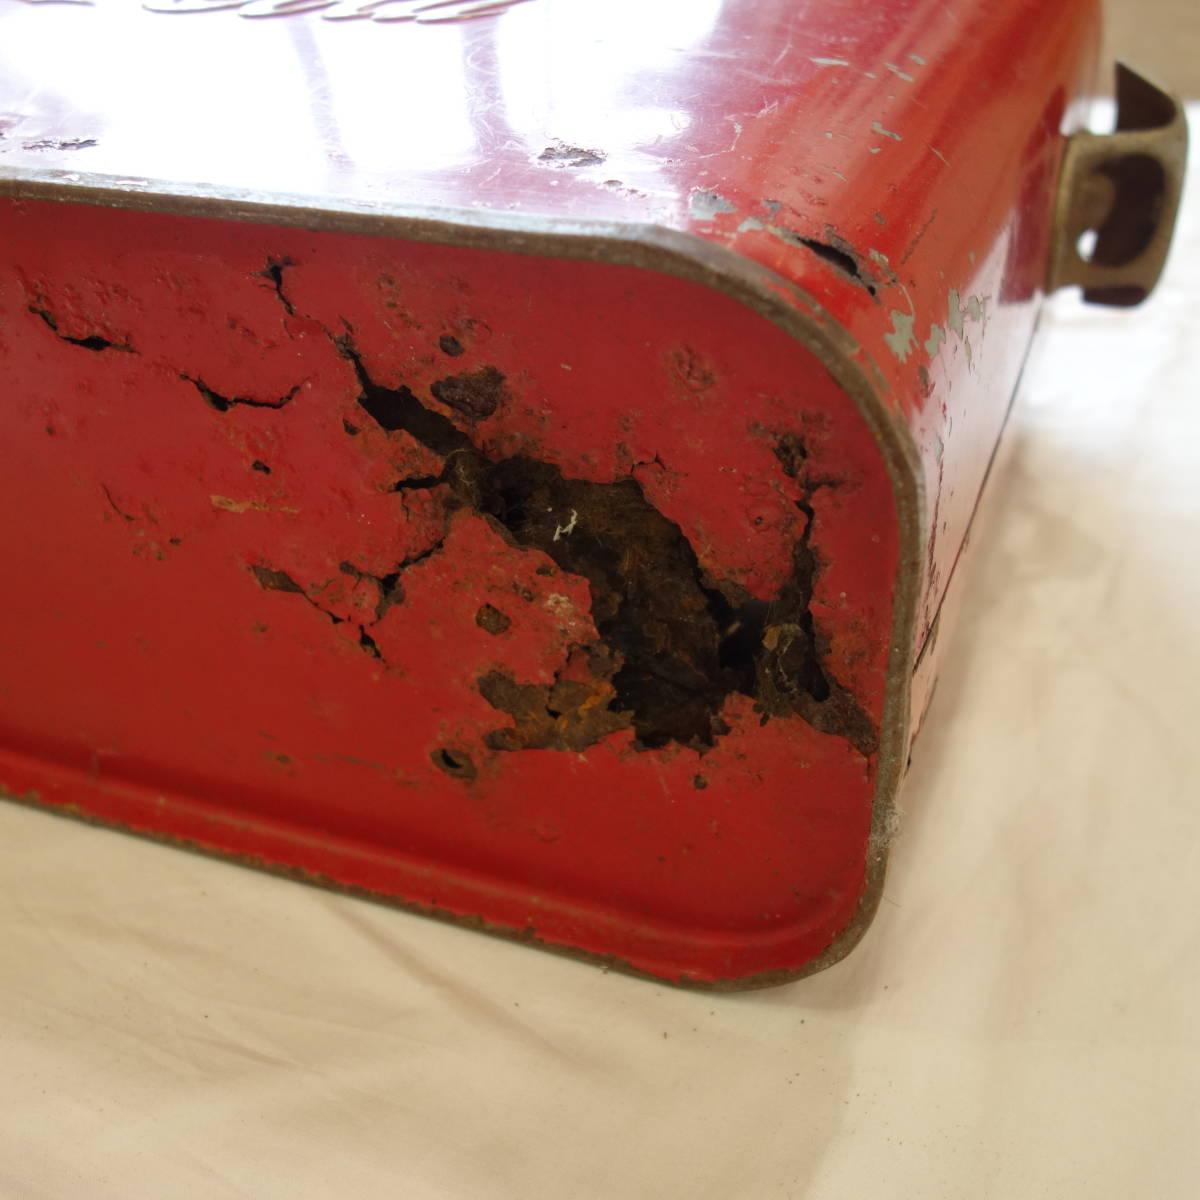 超希少 1940~50's ヴィンテージ Coca-Cola Airline Cooler_画像3